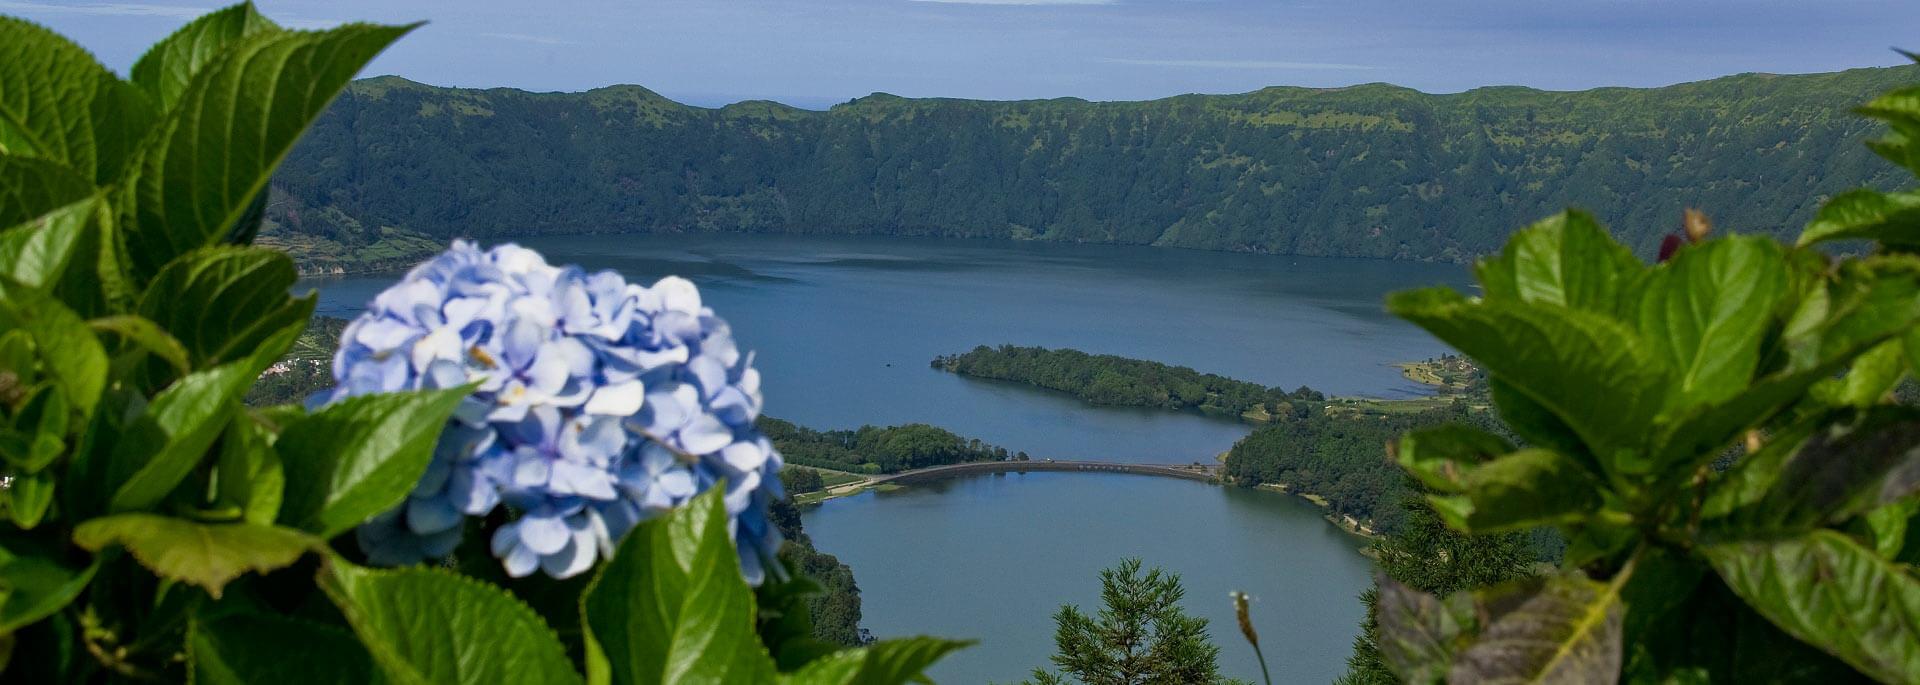 Fotos: Azoren-Insel Sao Miguel